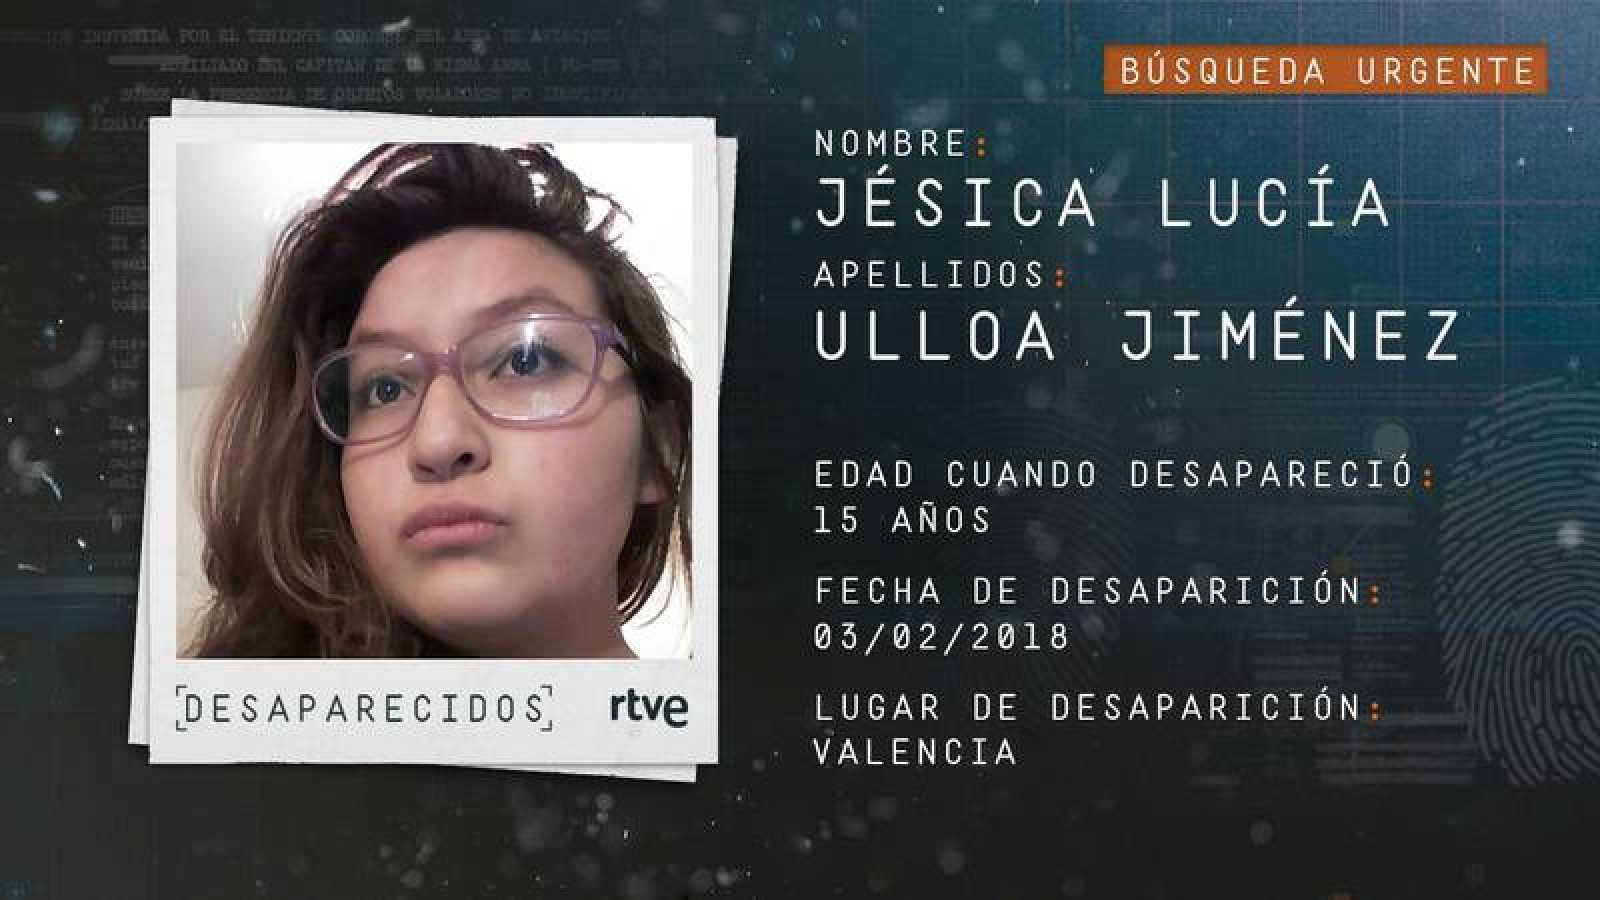 Jésica Lucía Ulloa Jiménez